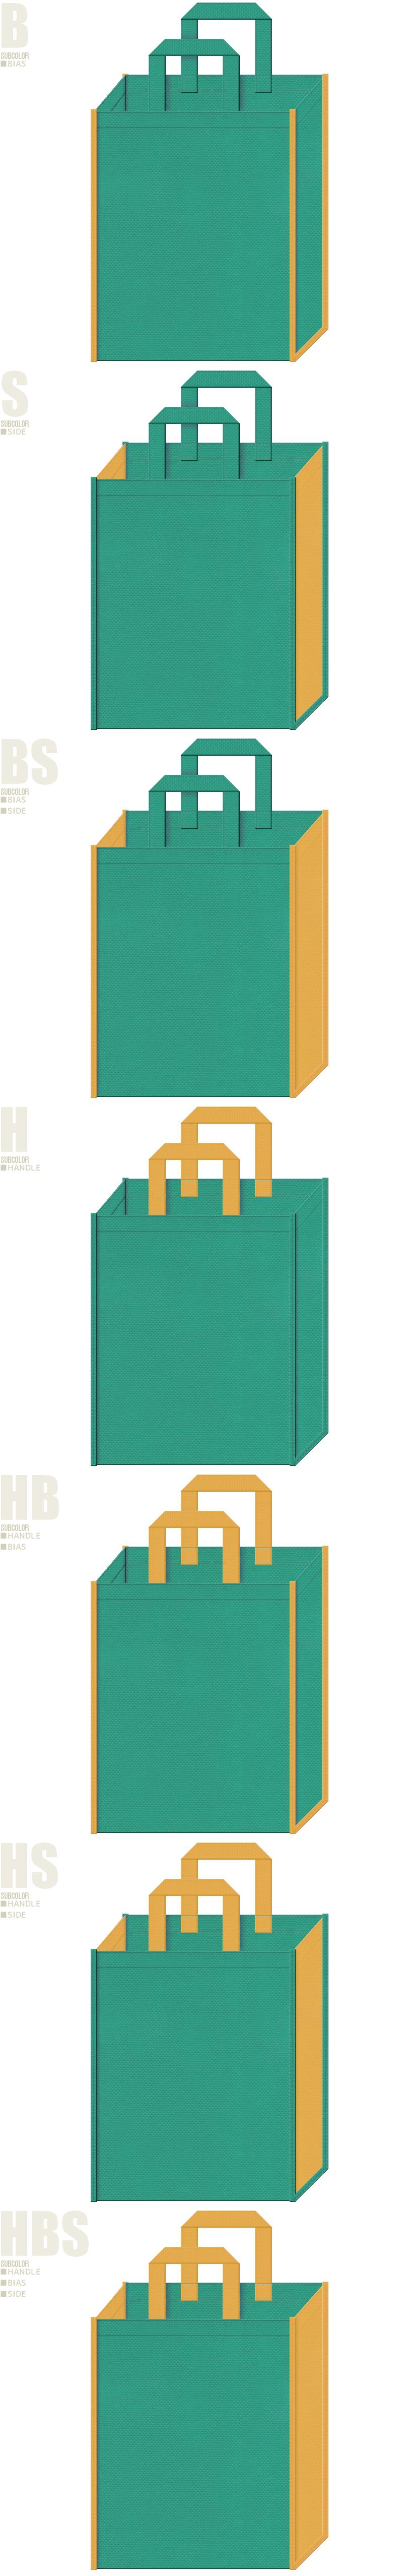 農業・種苗・肥料・野菜・産直市場・酪農・牧場イベント・絵本・おとぎ話・テーマパーク・キッズイベントにお奨めの不織布バッグデザイン:青緑色と黄土色の配色7パターン